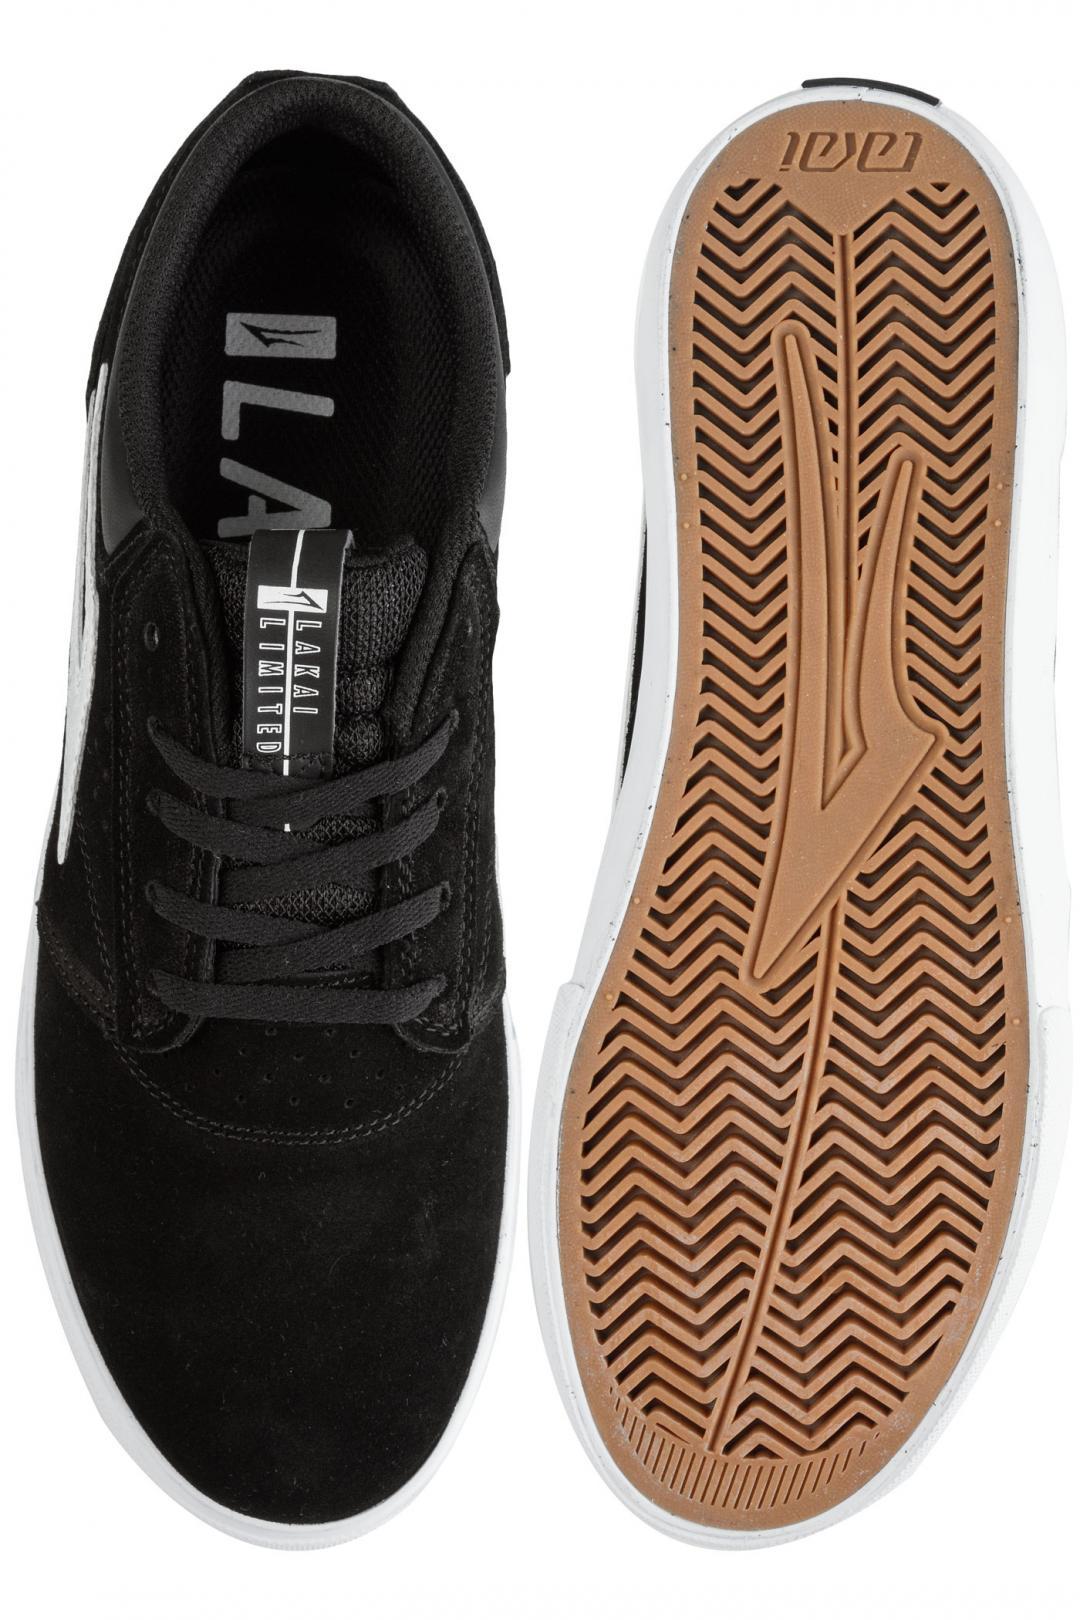 Uomo Lakai Griffin Suede black white | Sneaker